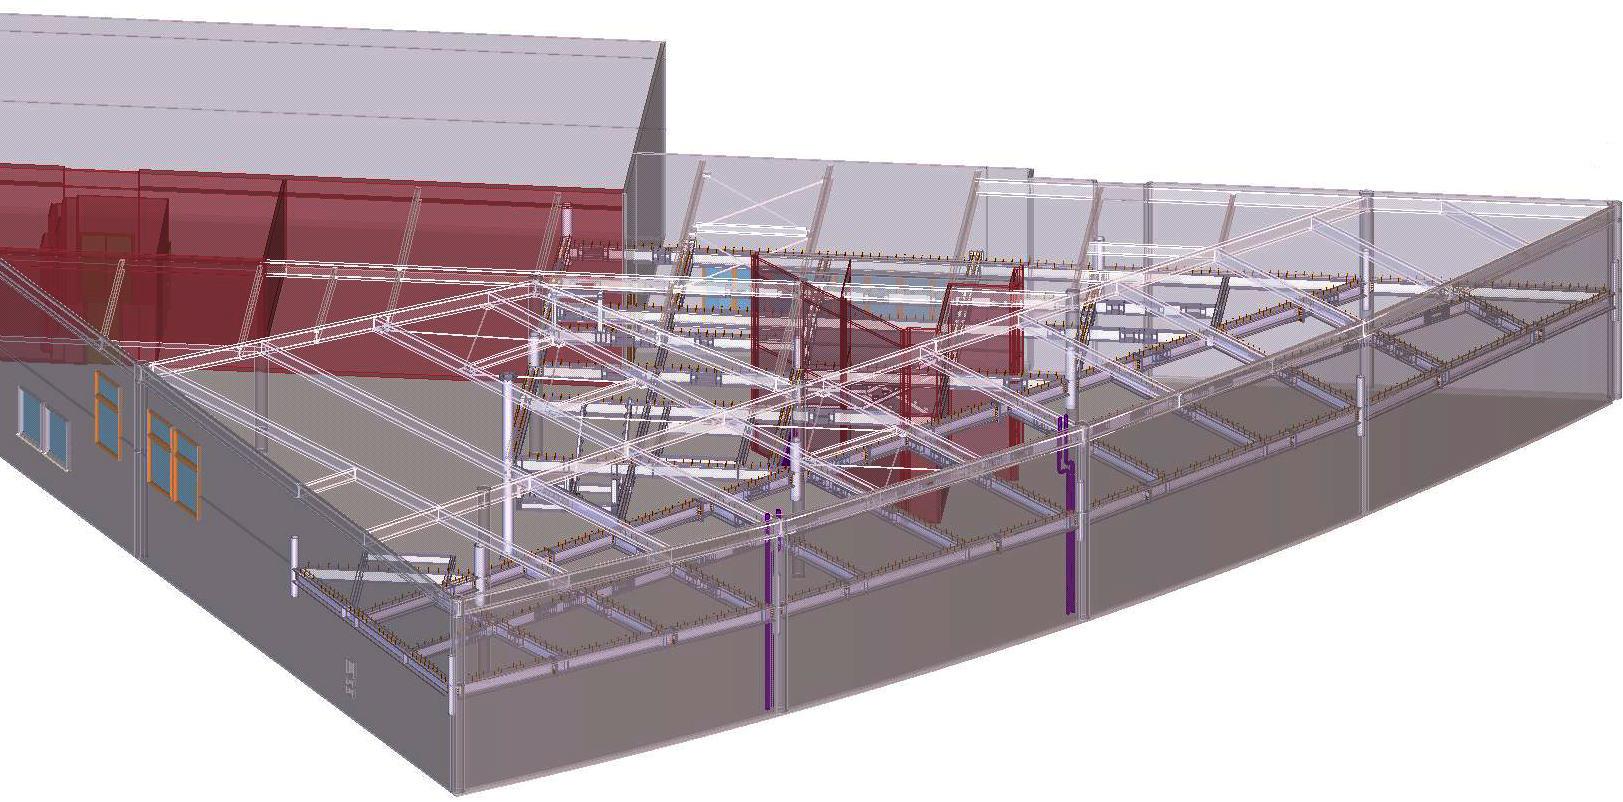 Inwentaryzacja budynku i inwentaryzacja konstrukcji za pomocą skanowania laserowego.